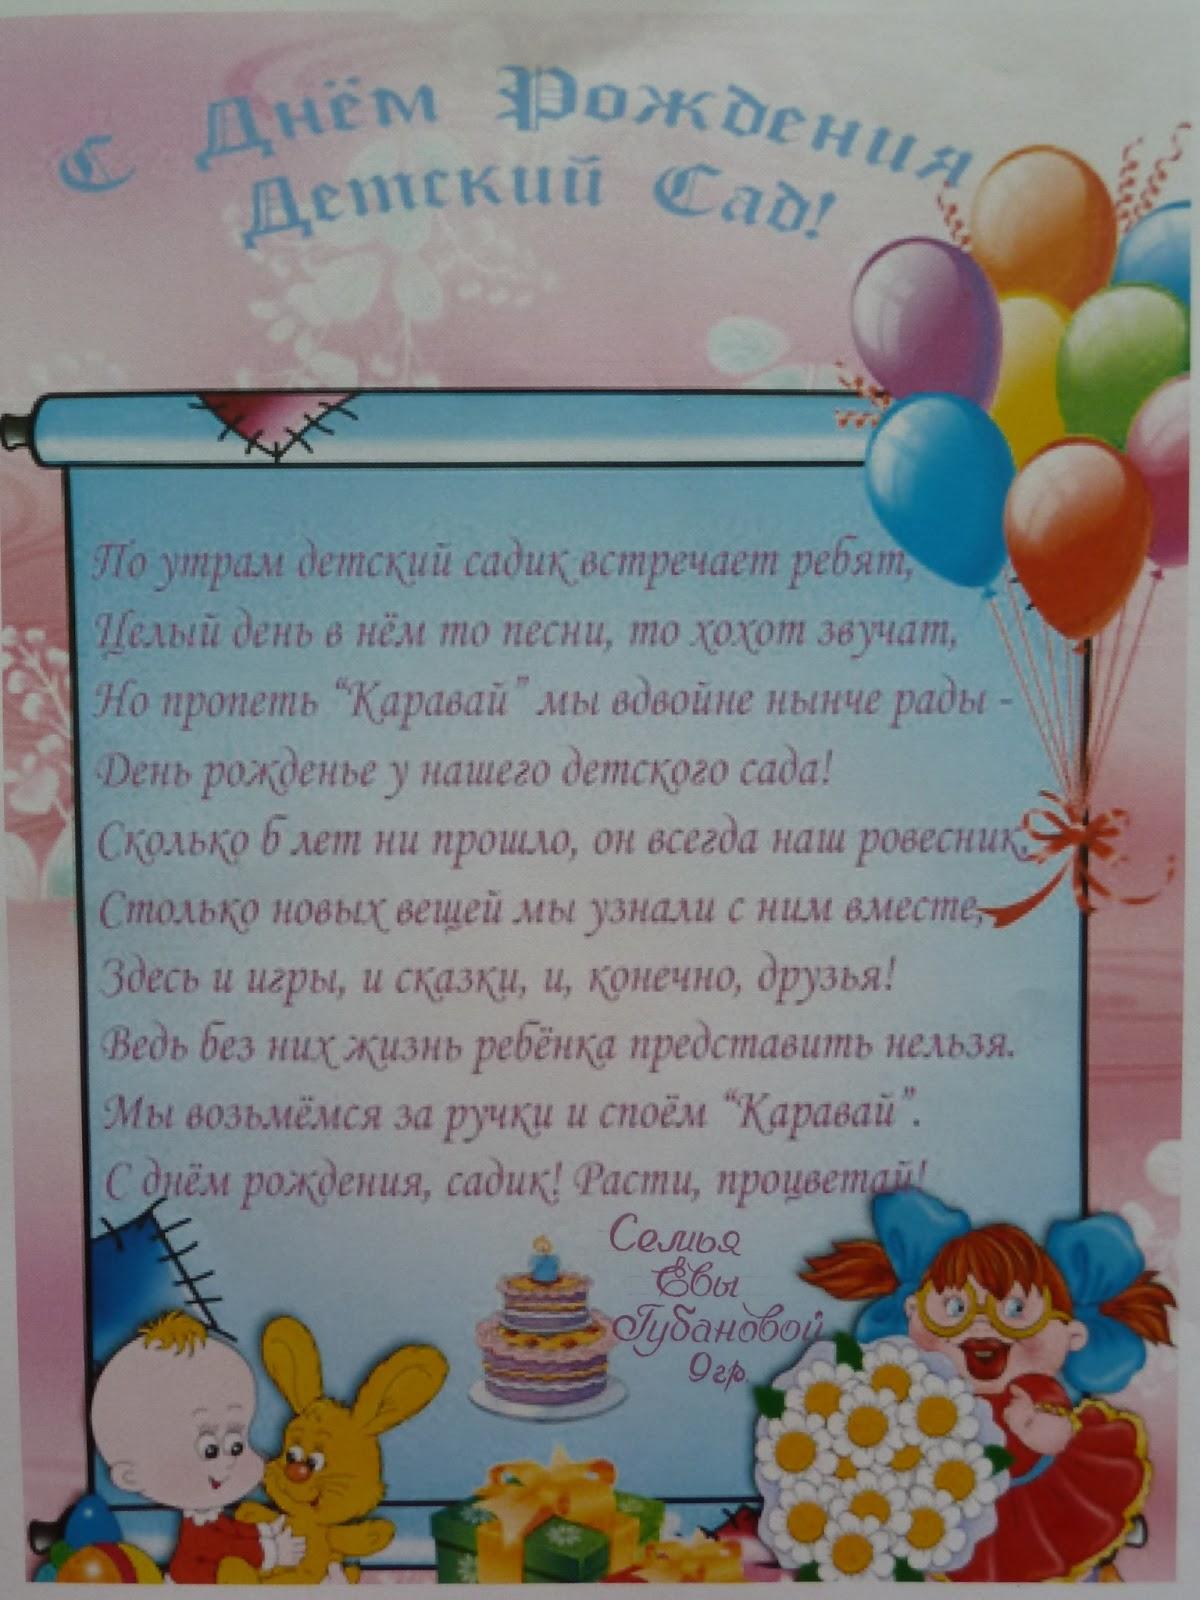 Стихи на юбилей детского сада 50 лет